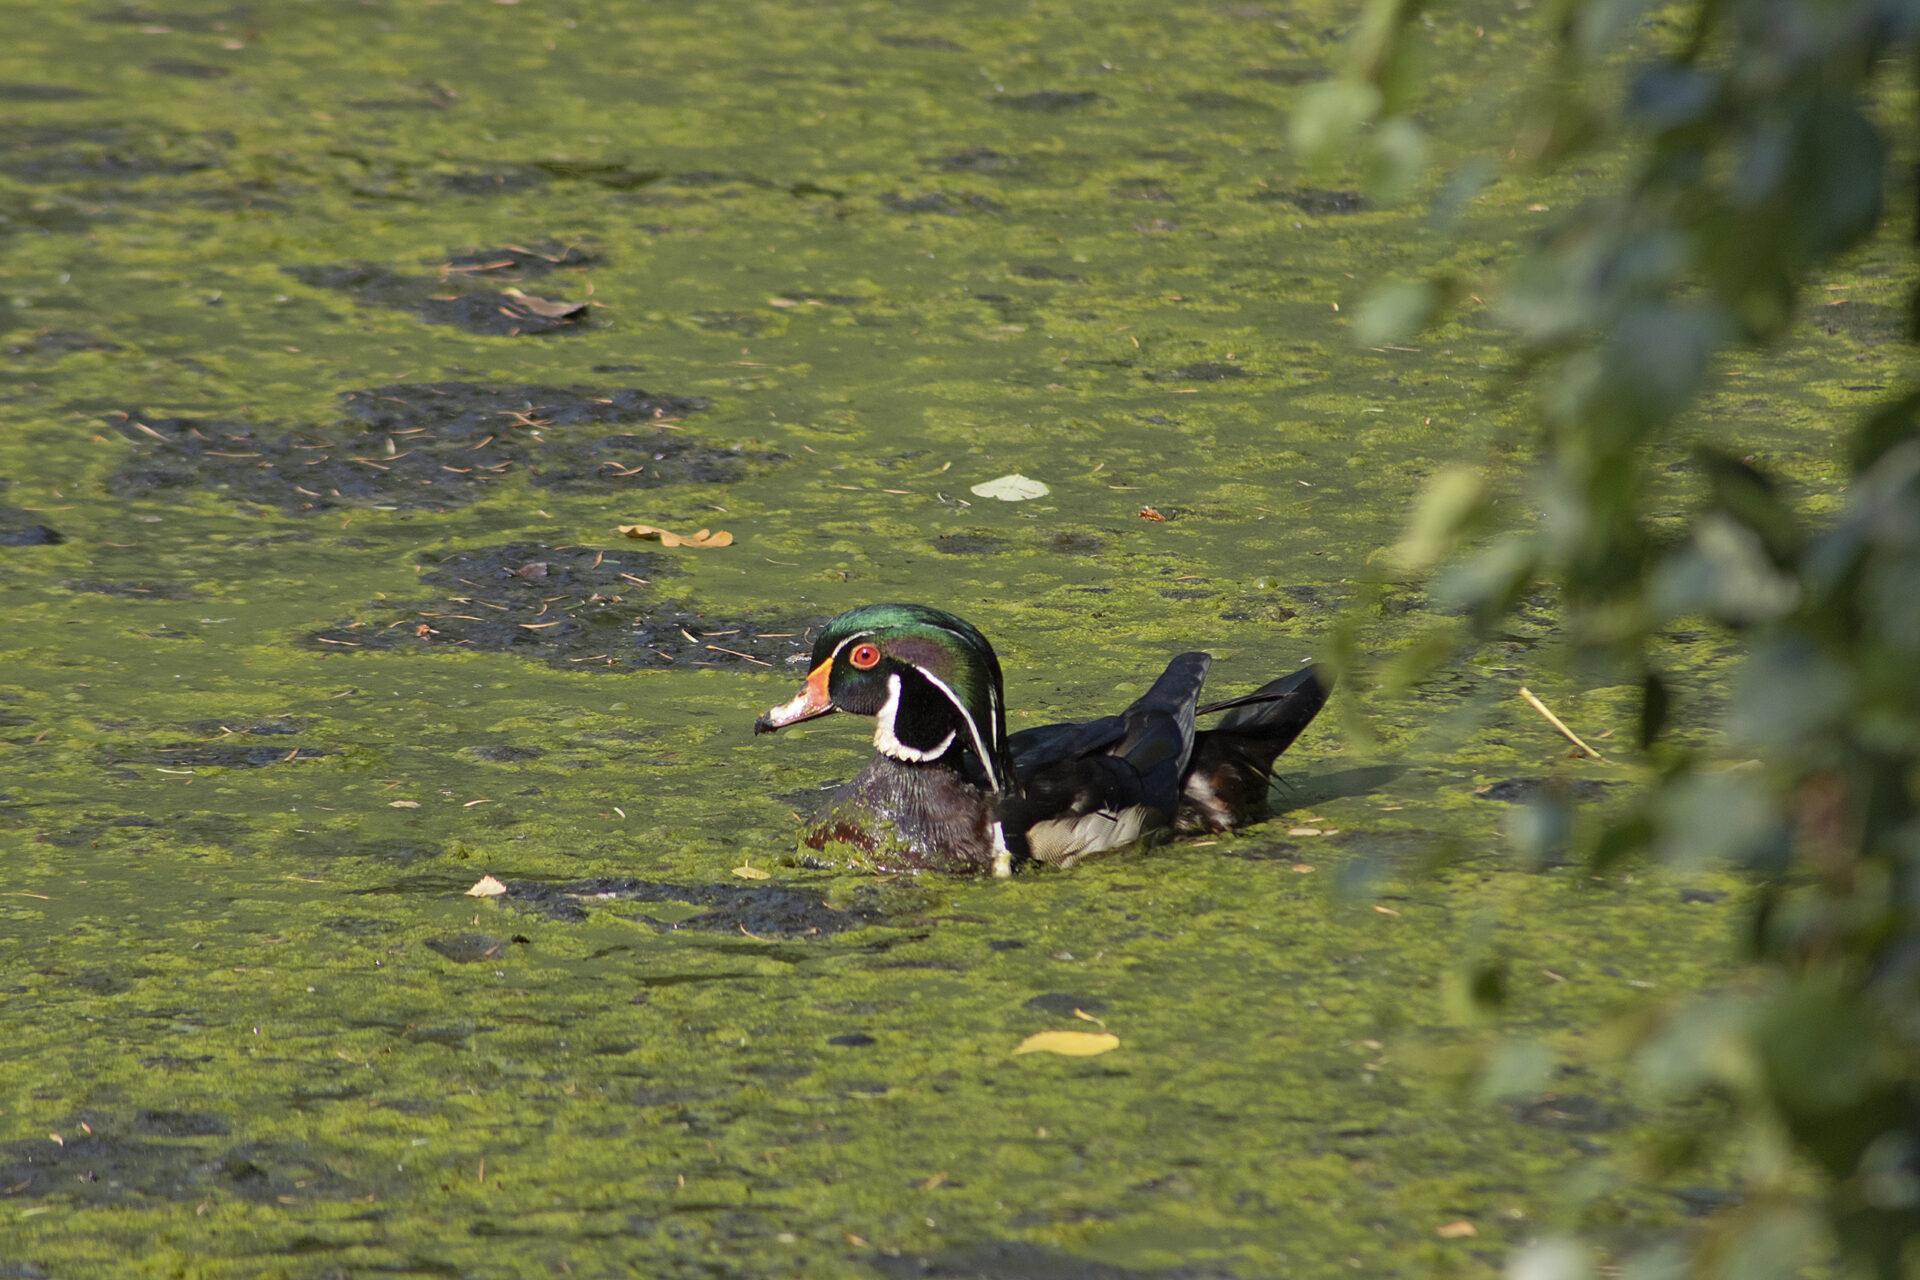 Male Wood Duck, July 2, 2021